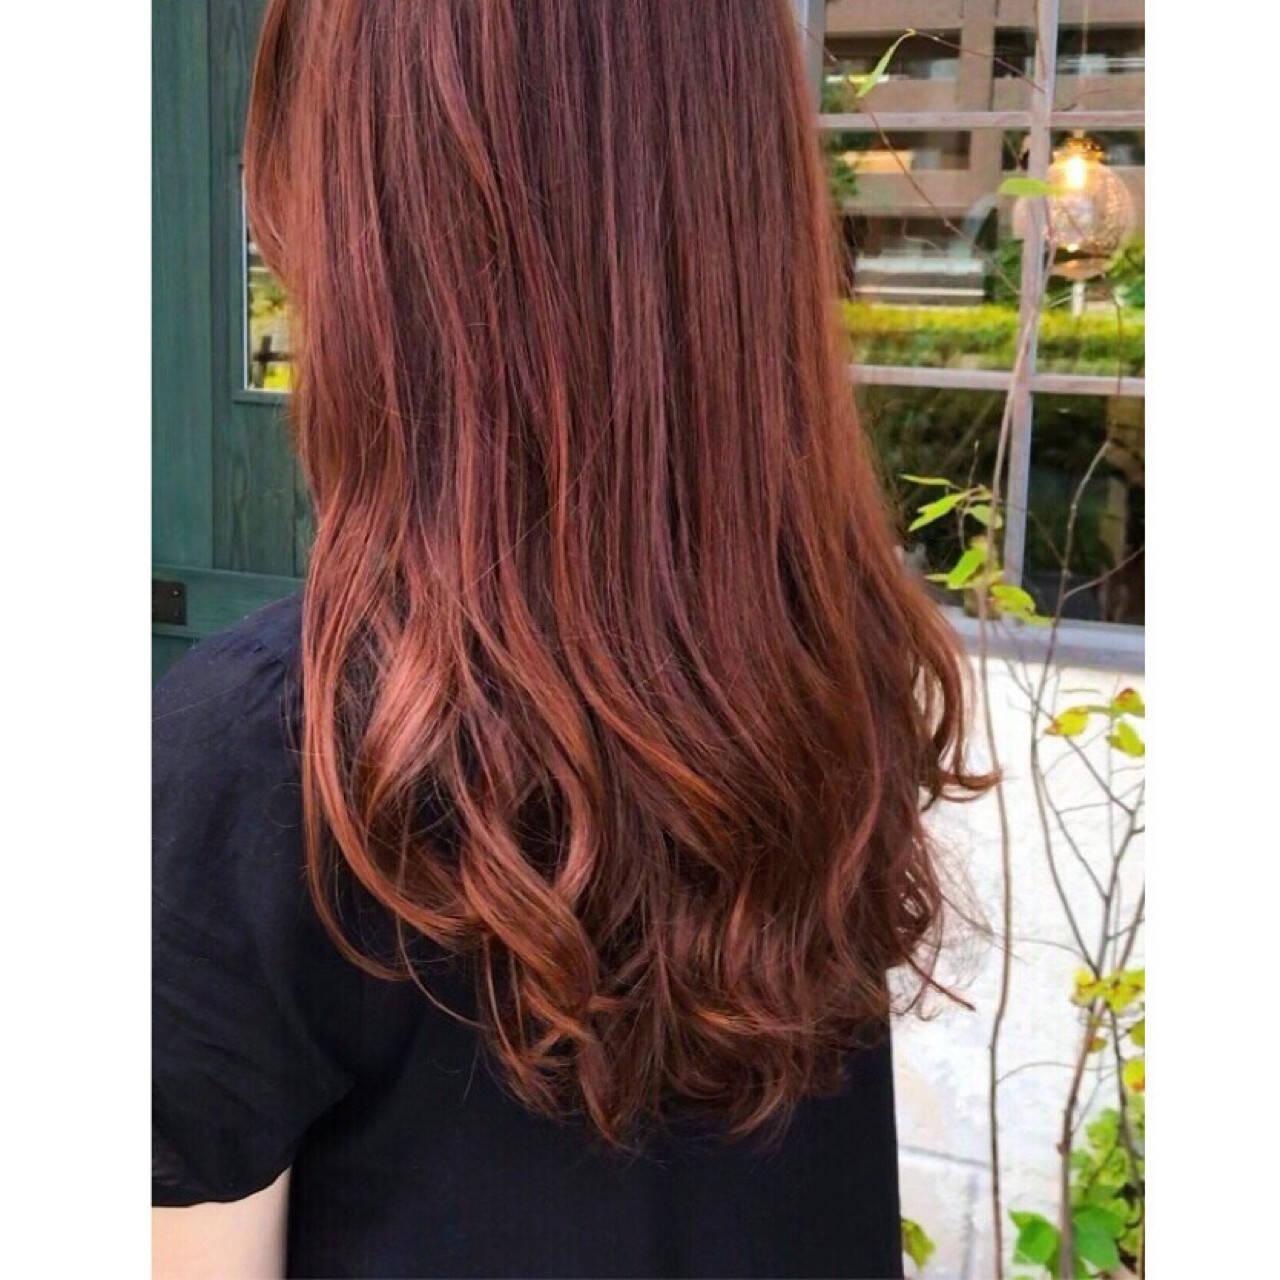 レッド ロング ナチュラル オレンジヘアスタイルや髪型の写真・画像